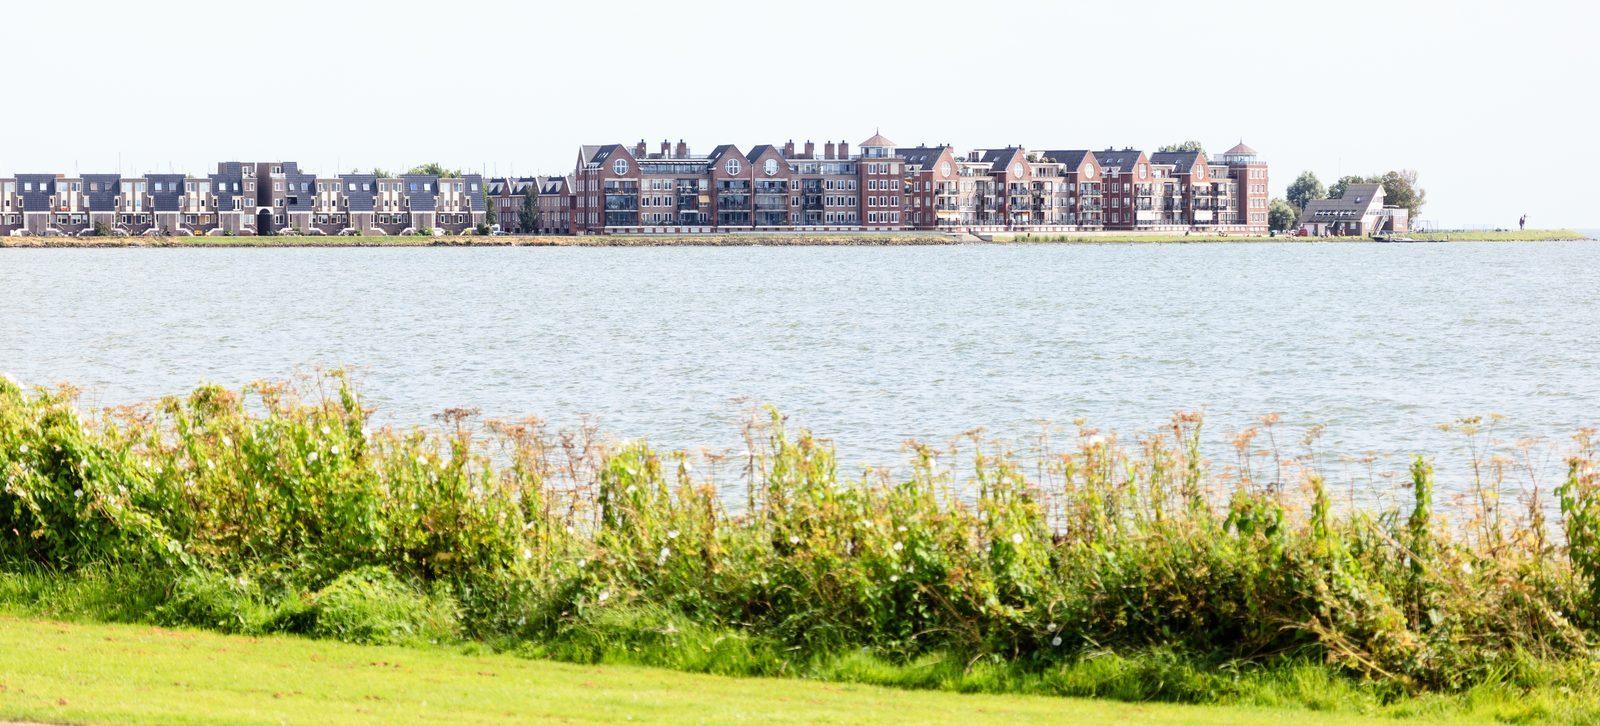 Parc de vacances de Hoorn